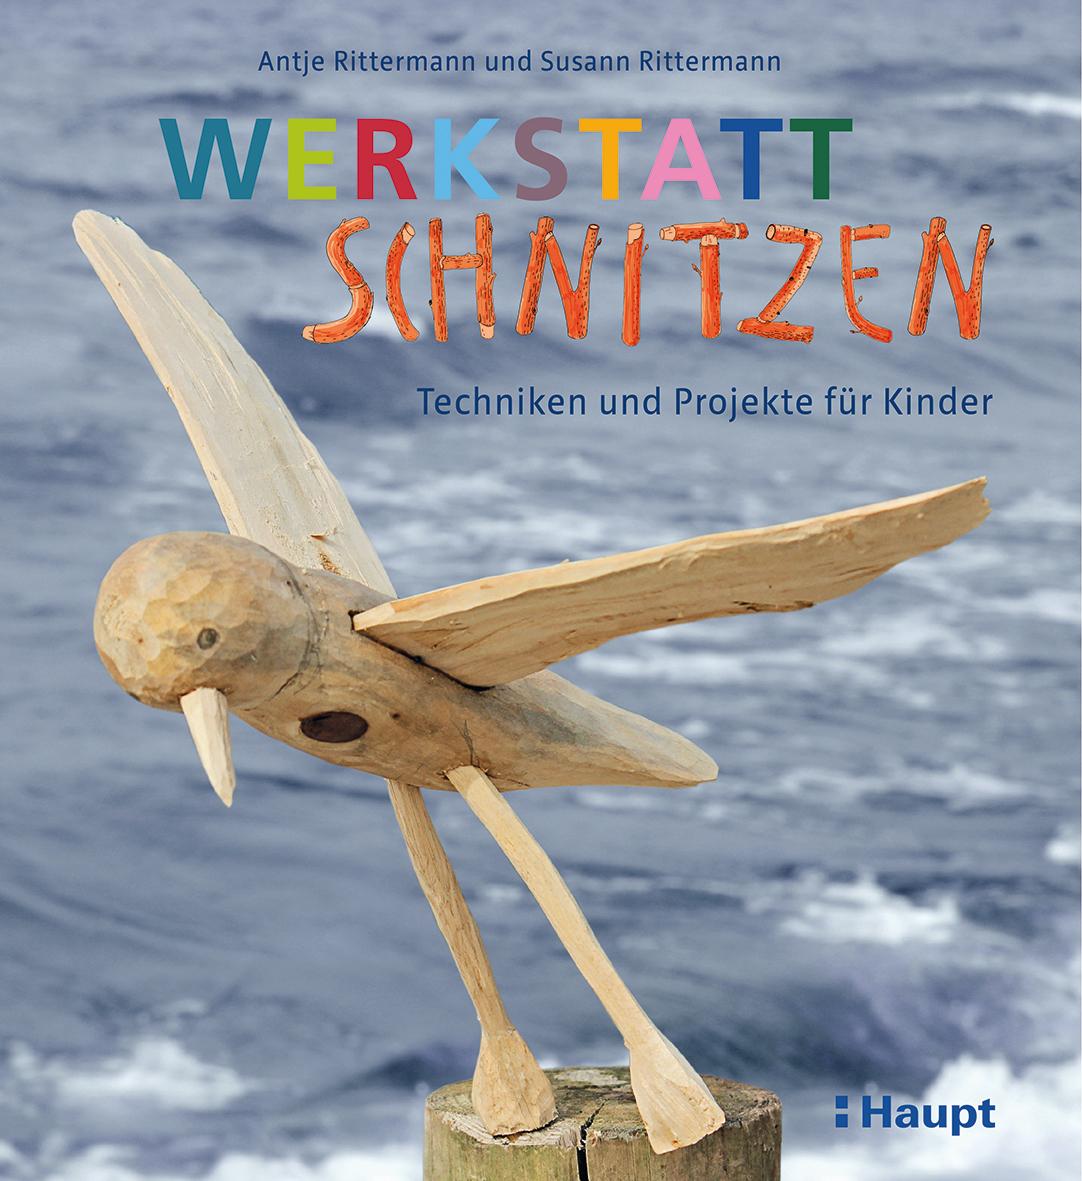 Werkstatt Schnitzen - Haupt-Verlag - Booklove